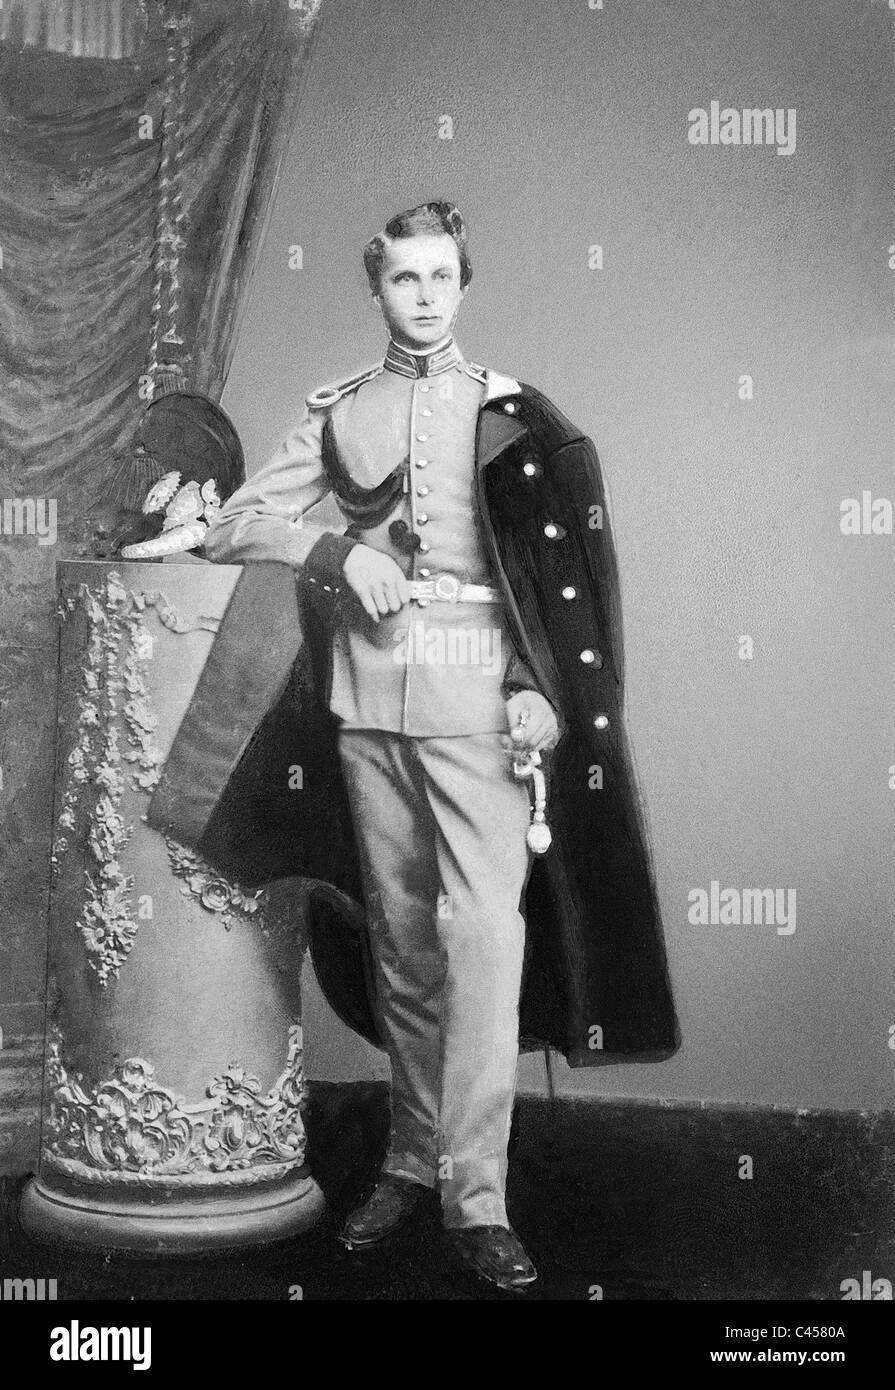 King Ludwig II of Bavaria, 1864 - Stock Image